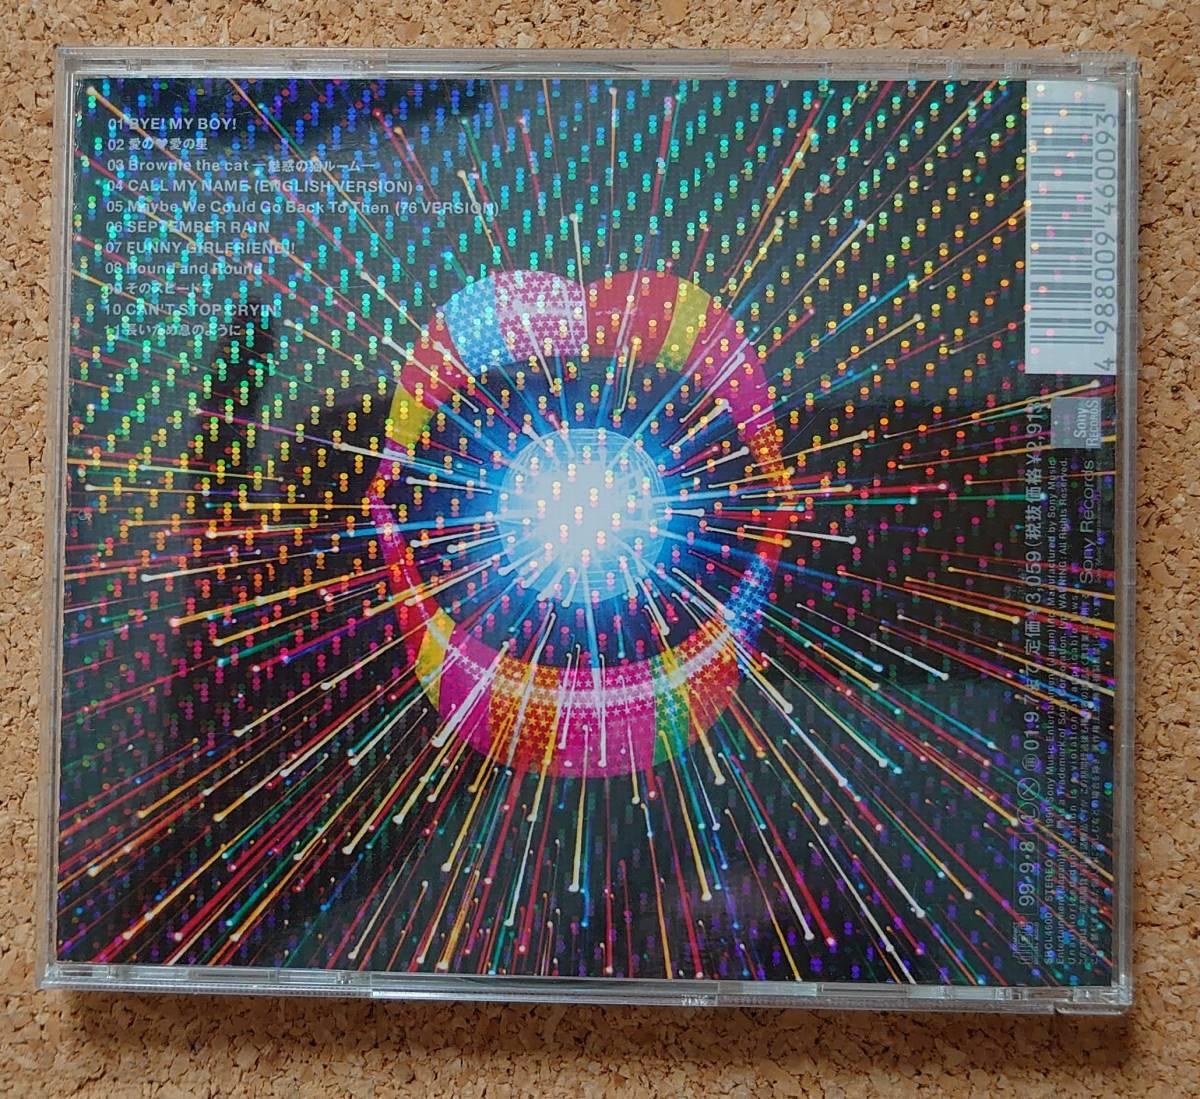 【美品】CD 『TERRA2001』the brilliant green 2ndアルバム_画像3